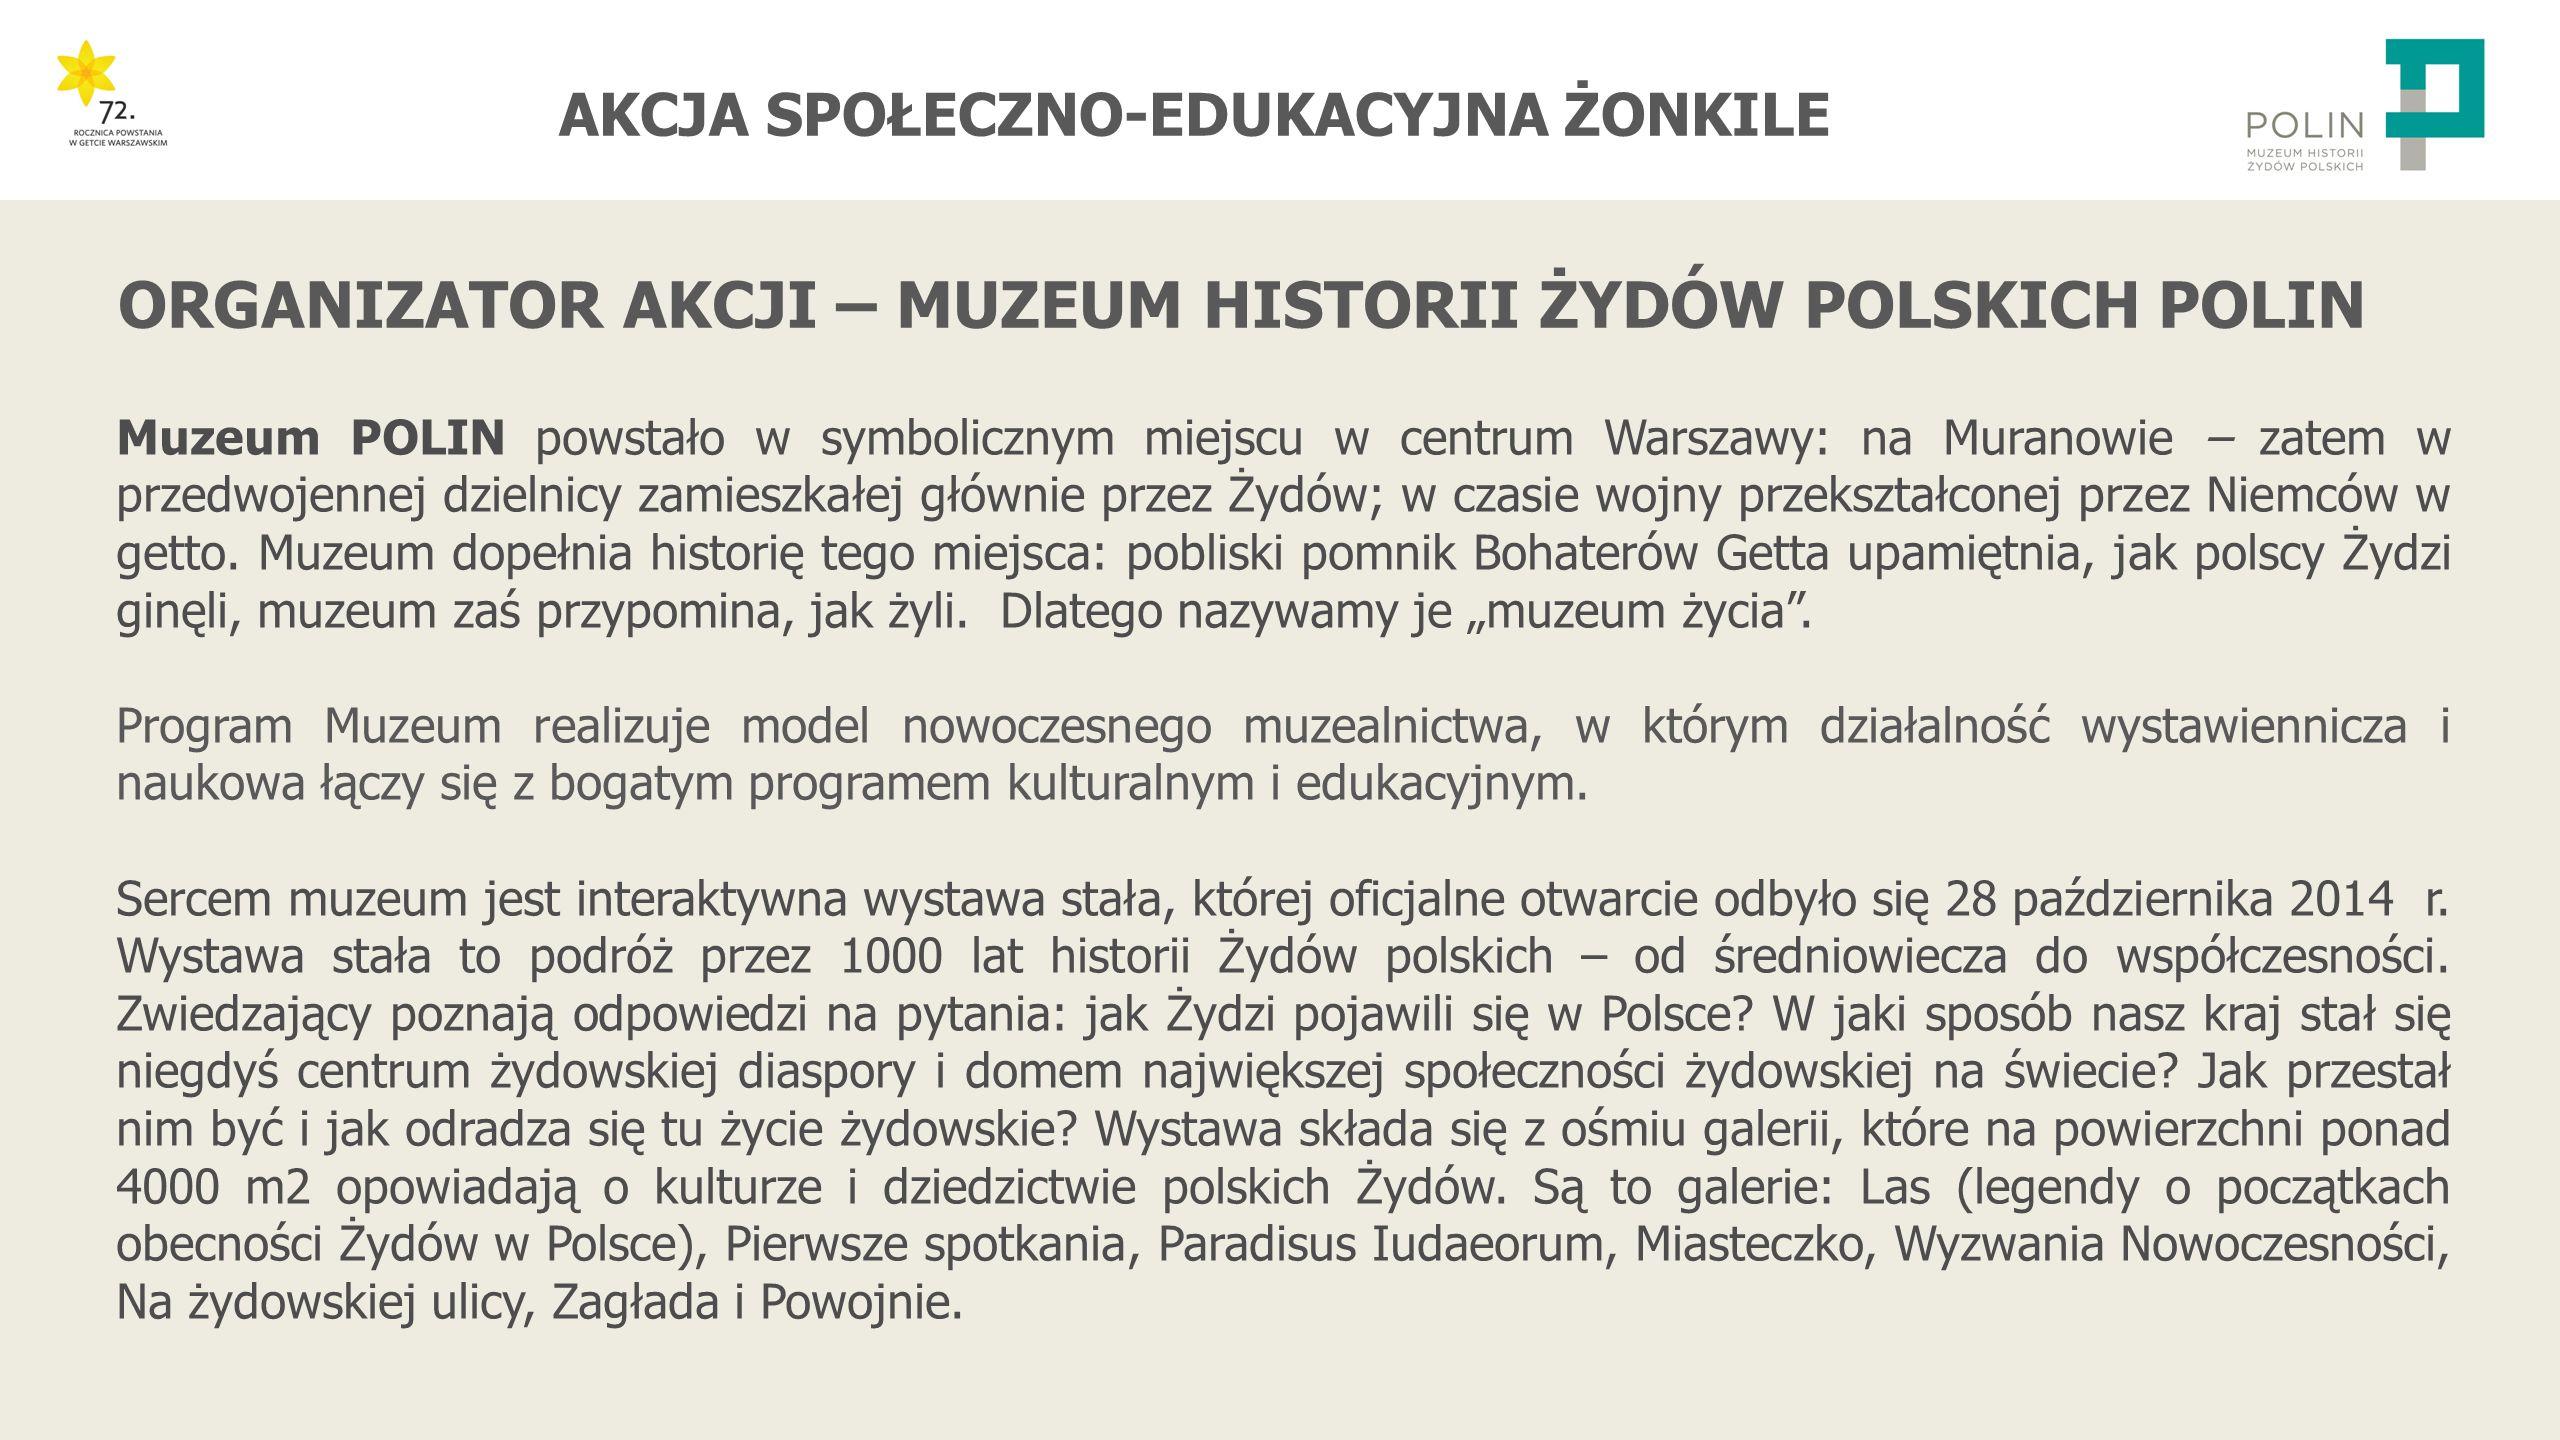 AKCJA SPOŁECZNO-EDUKACYJNA ŻONKILE www.polin.pl/zonkile www.facebook.com/WolontariatMuzeumHistoriiZydowPolskich KONTAKT: Maria Mossakowska Koordynatorka projektu mmossakowska@polin.pl Tel.